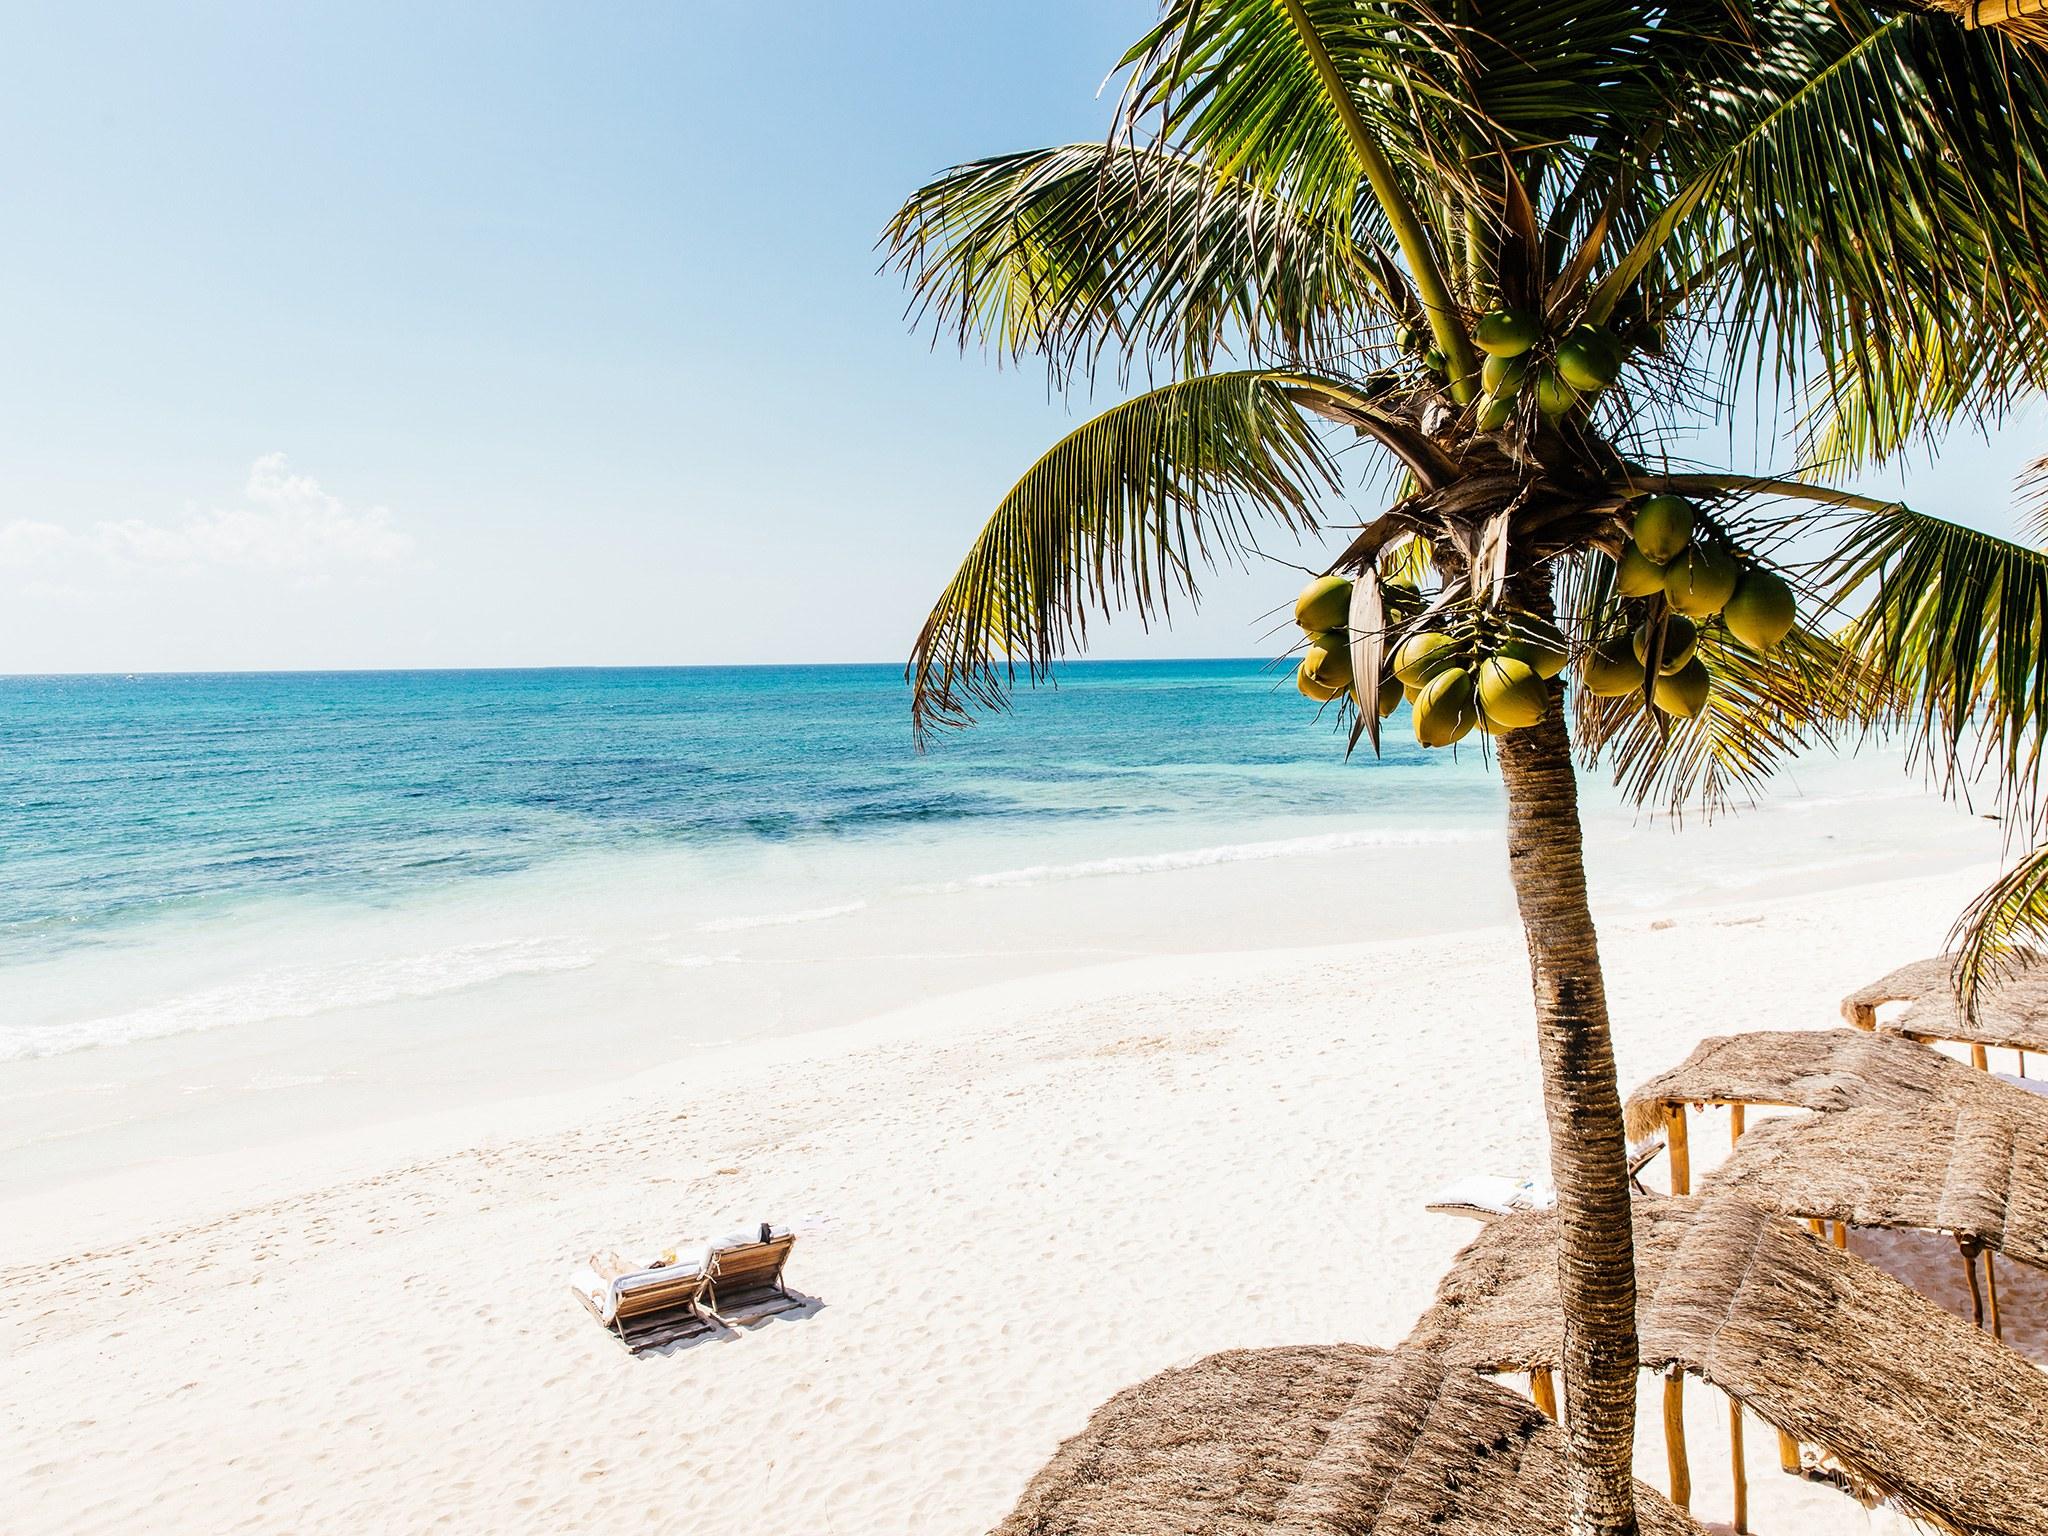 Playas México, todas las playas mexicanas en un sitio web